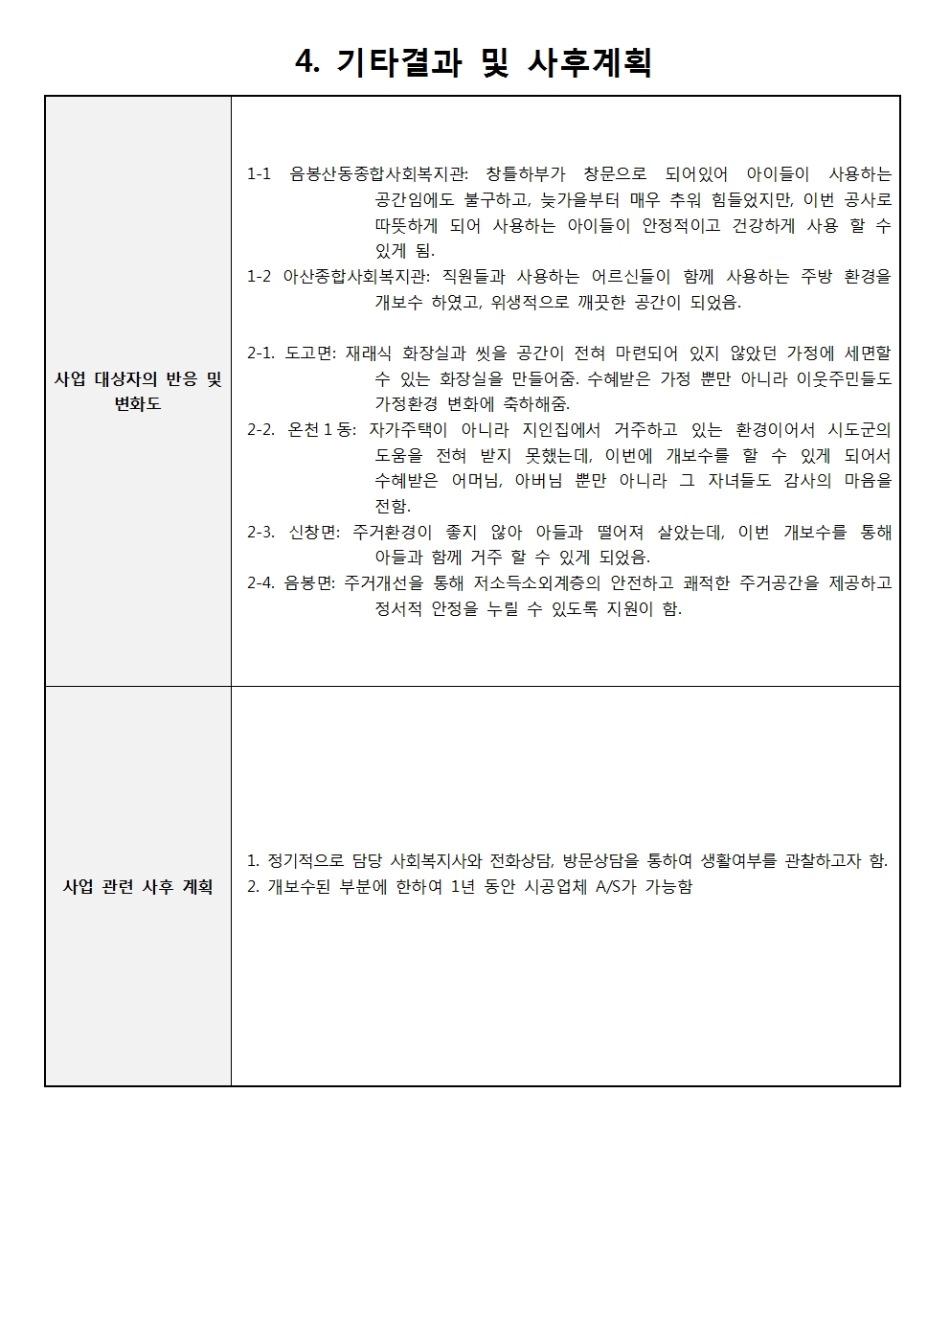 2017_결과보고서_공사전후비교008.jpg